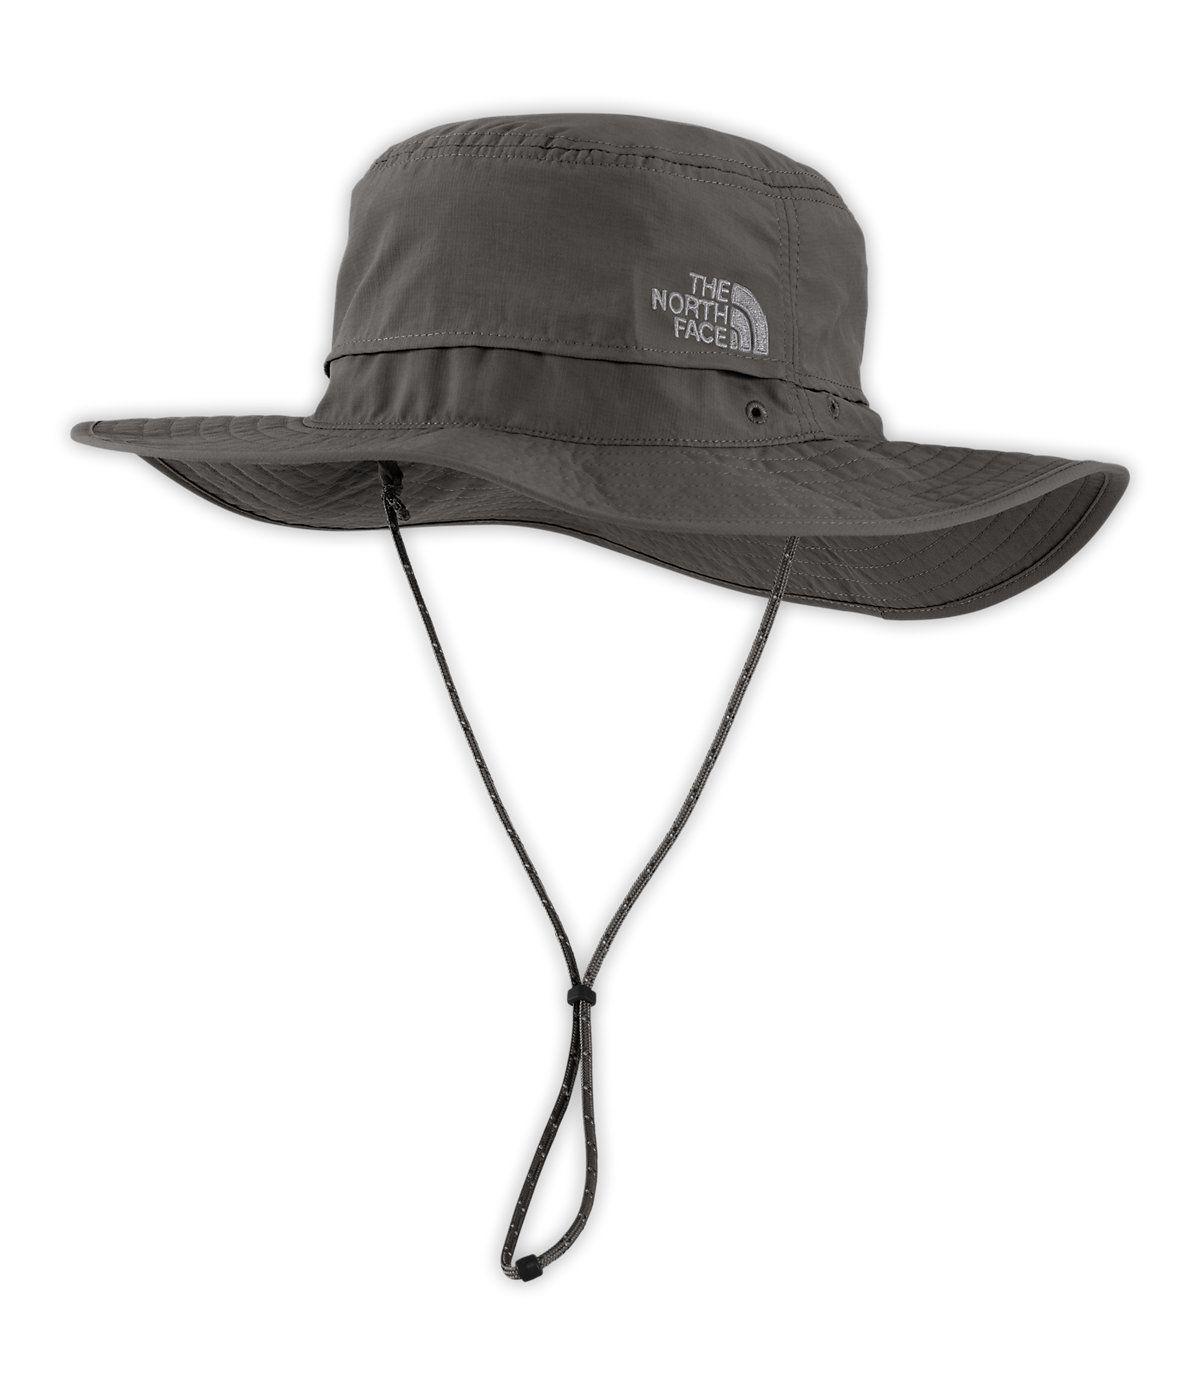 03523d72b Horizon breeze brimmer hat in 2019 | MENS S2017 OUTDOOR HATS | Hats ...